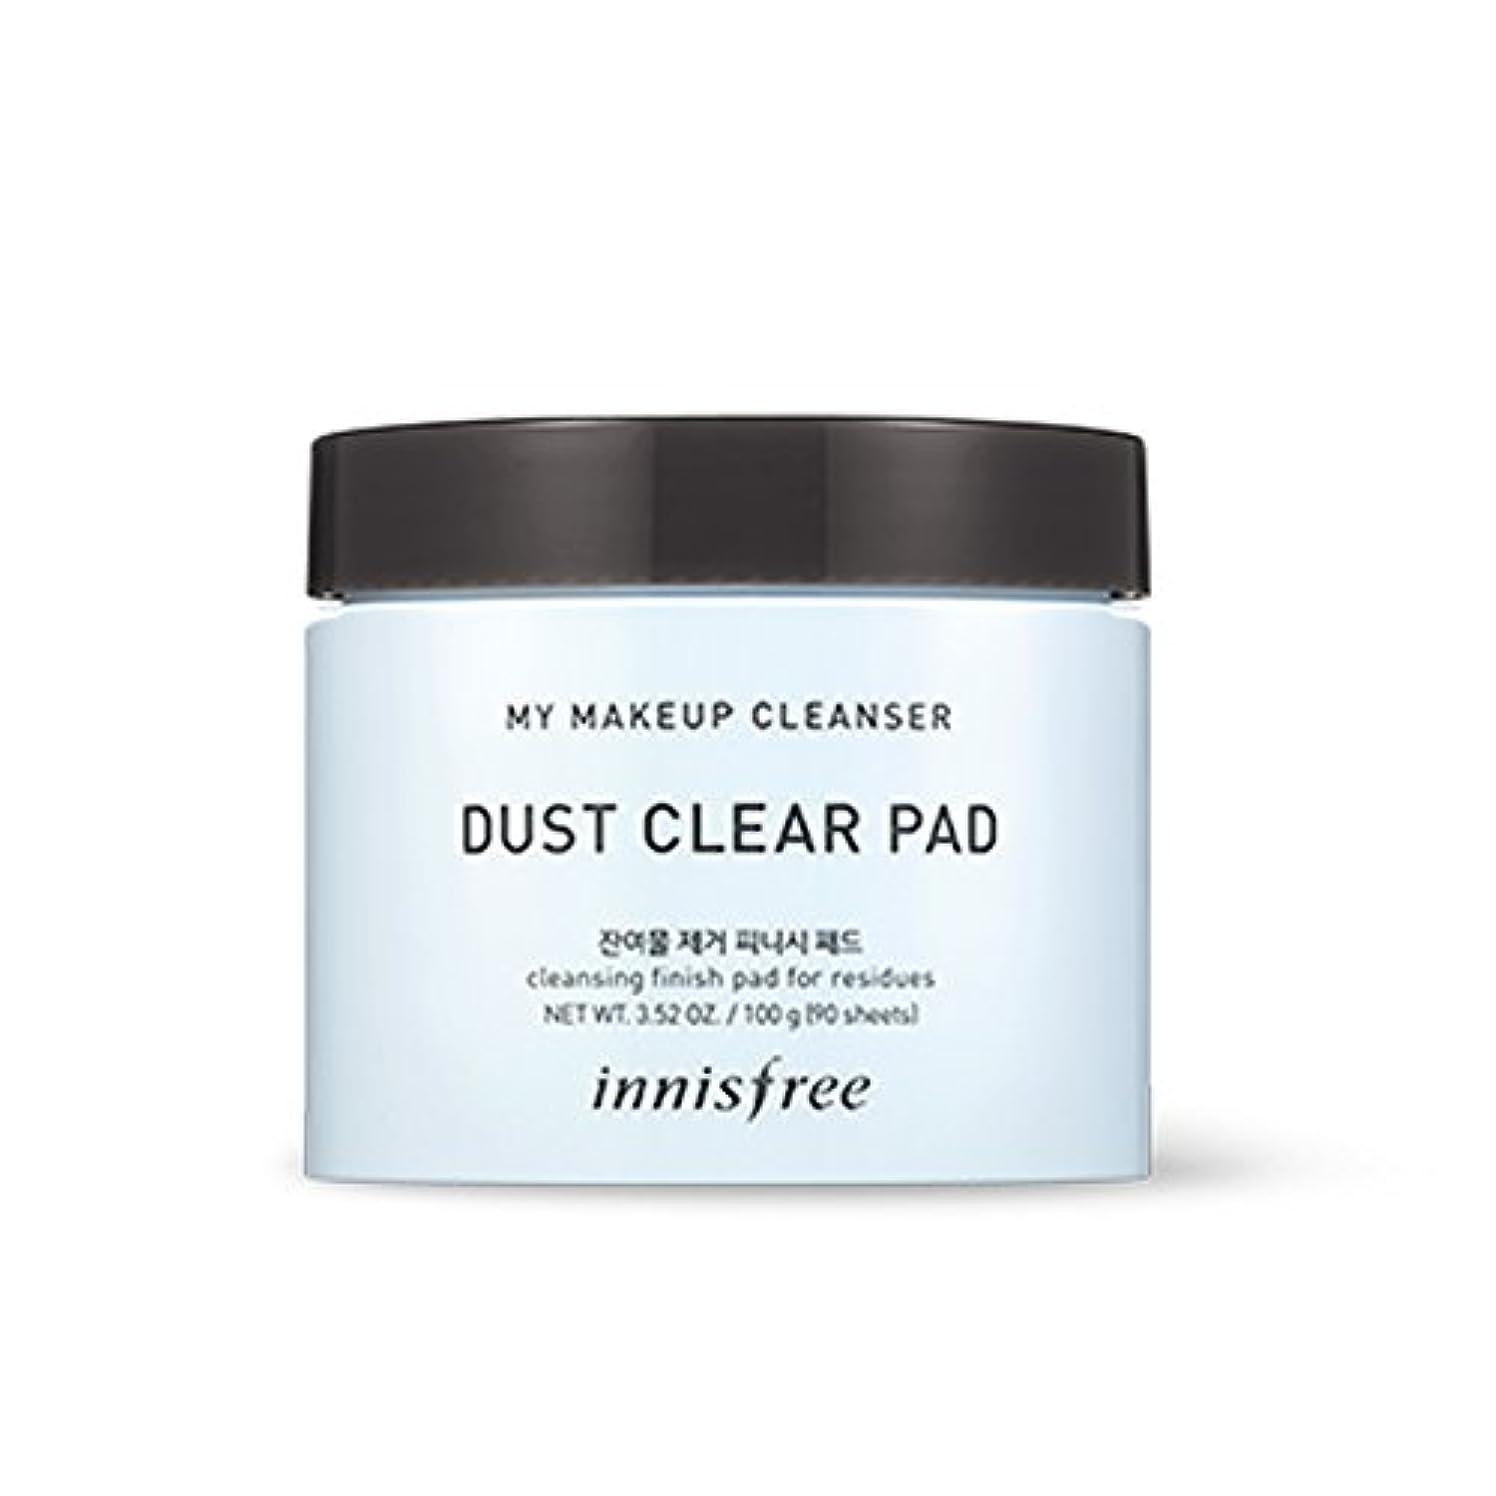 醸造所電卓創始者イニスフリーマイメイクアップクレンザー - ダストクリアパッド90ea x 1個 Innisfree My Makeup Cleanser - Dust Clear Pad 90ea x 1pcs [海外直送品][並行輸入品]